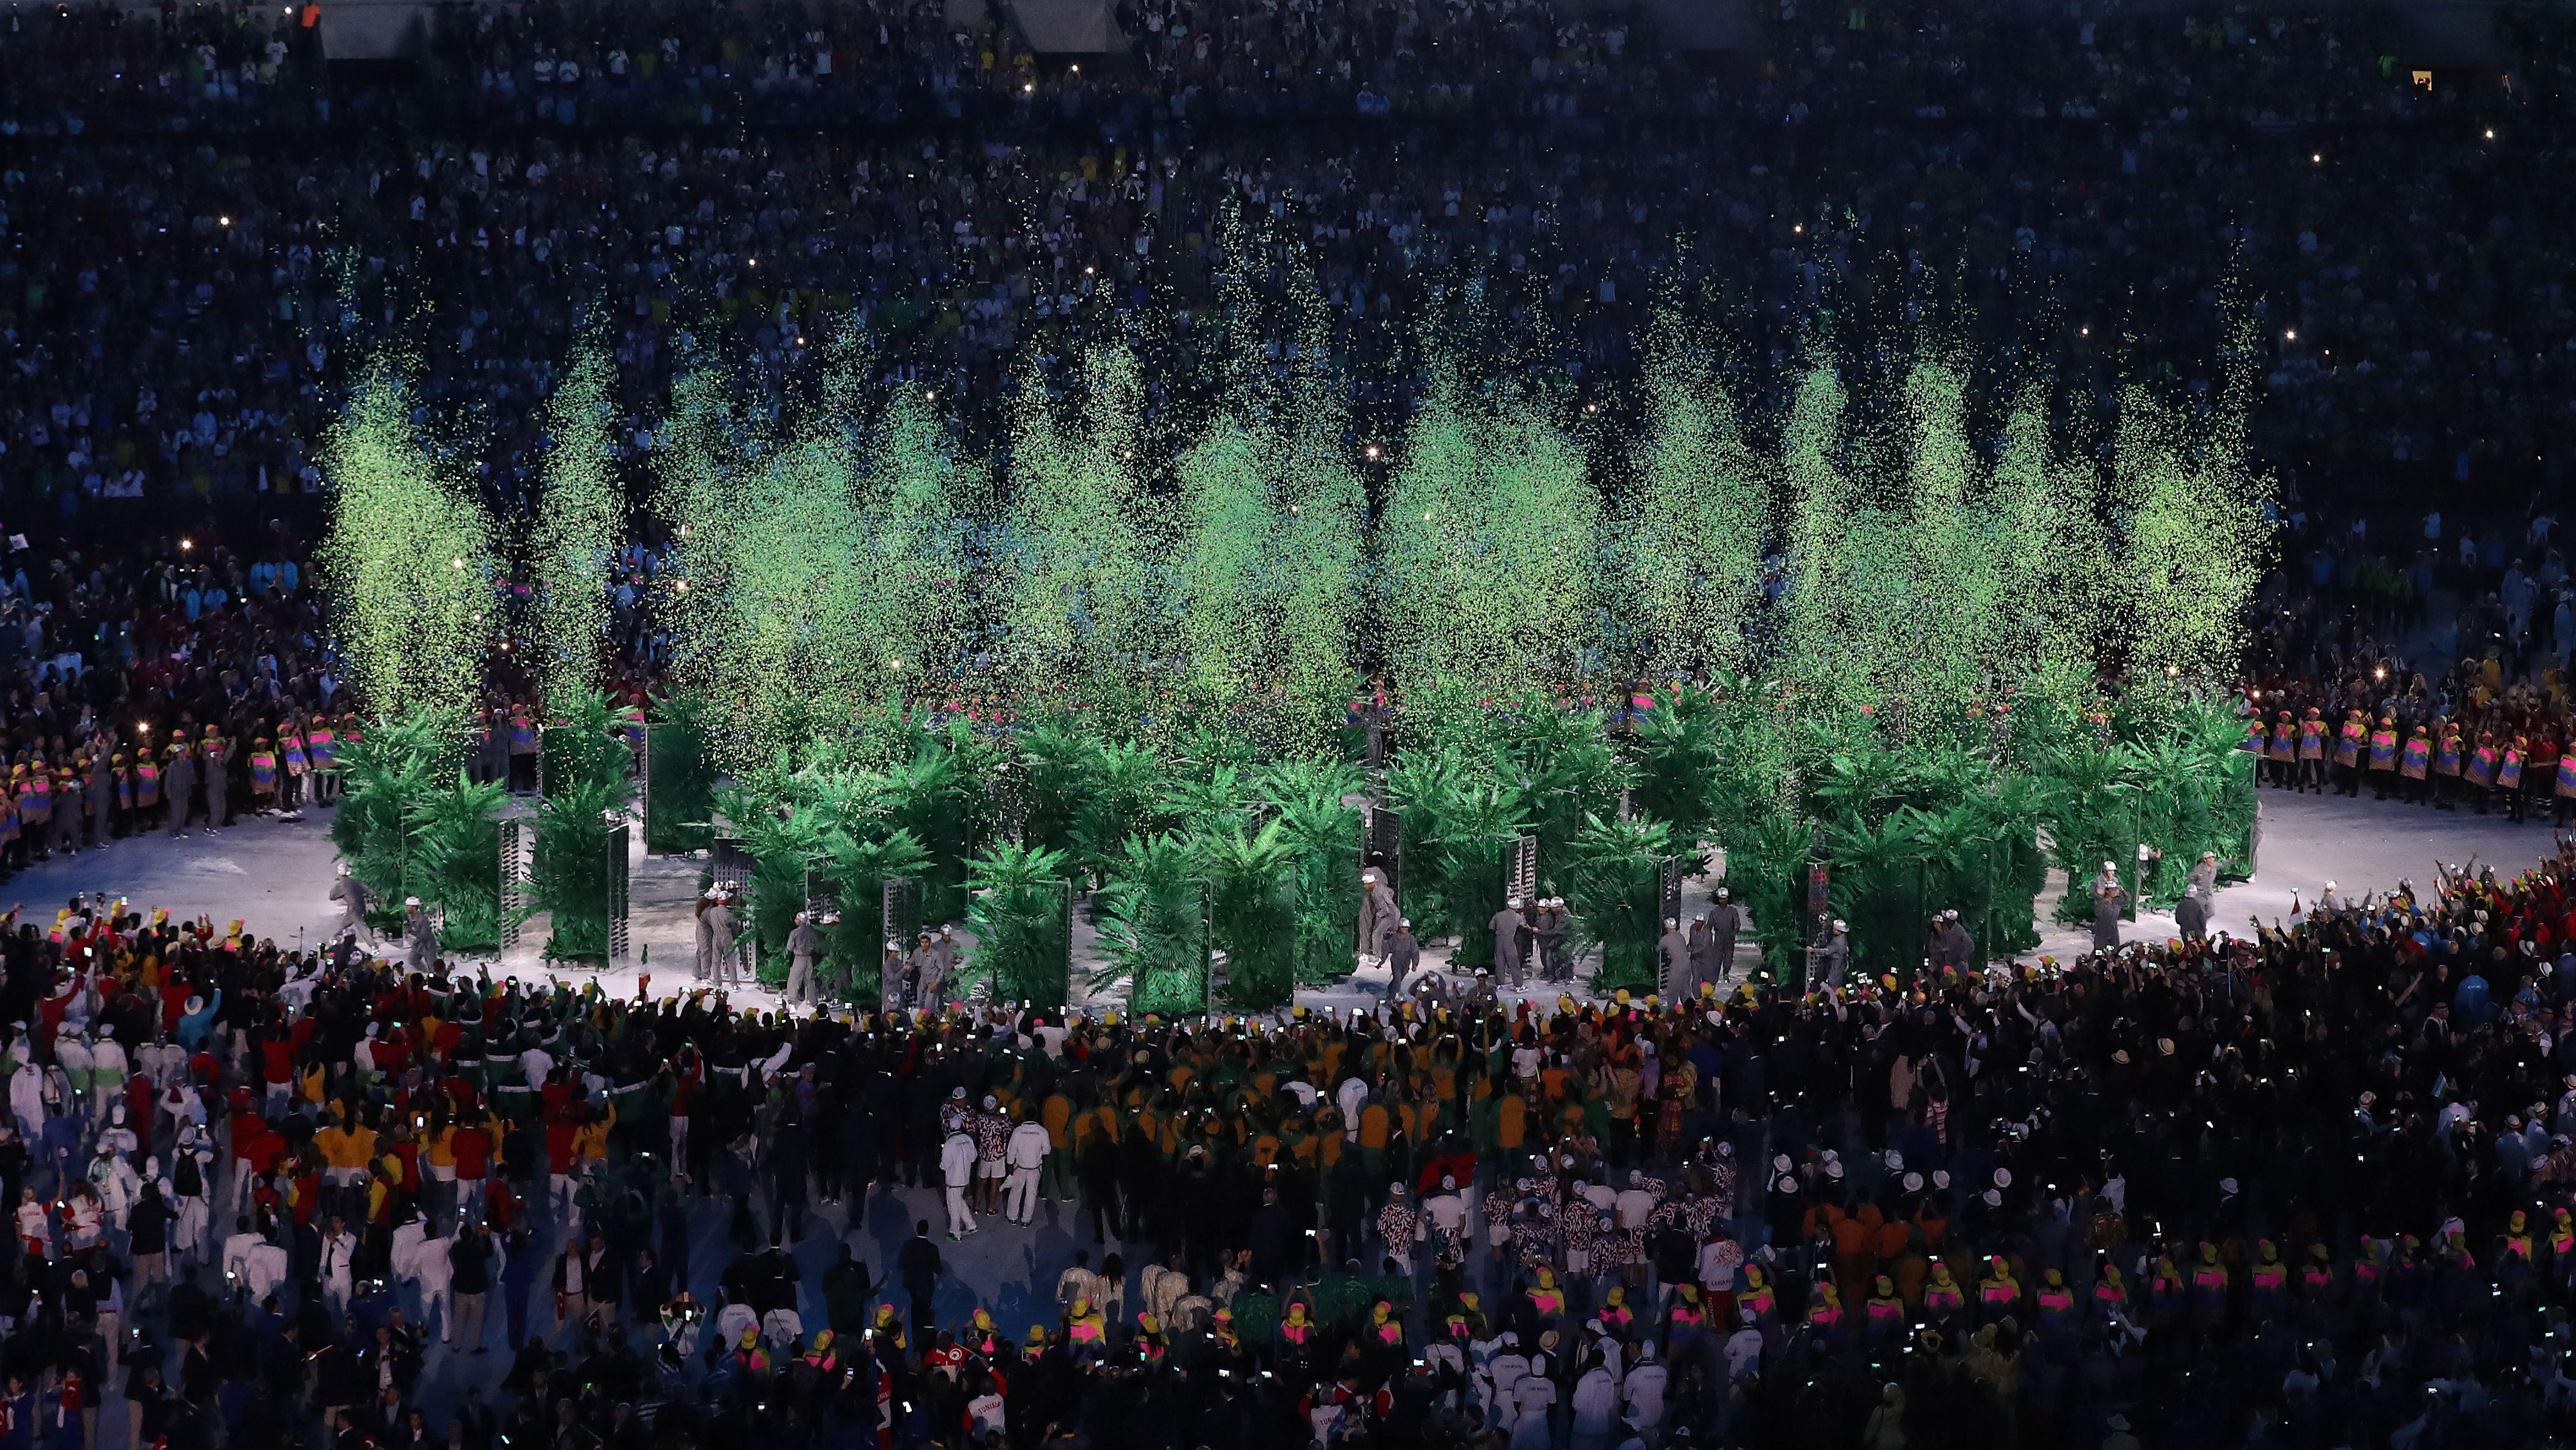 Ausschnitt aus dem Showprogramm der Eröffnungsfeier der Olympischen Spiele 2016 in Rio de Janeiro